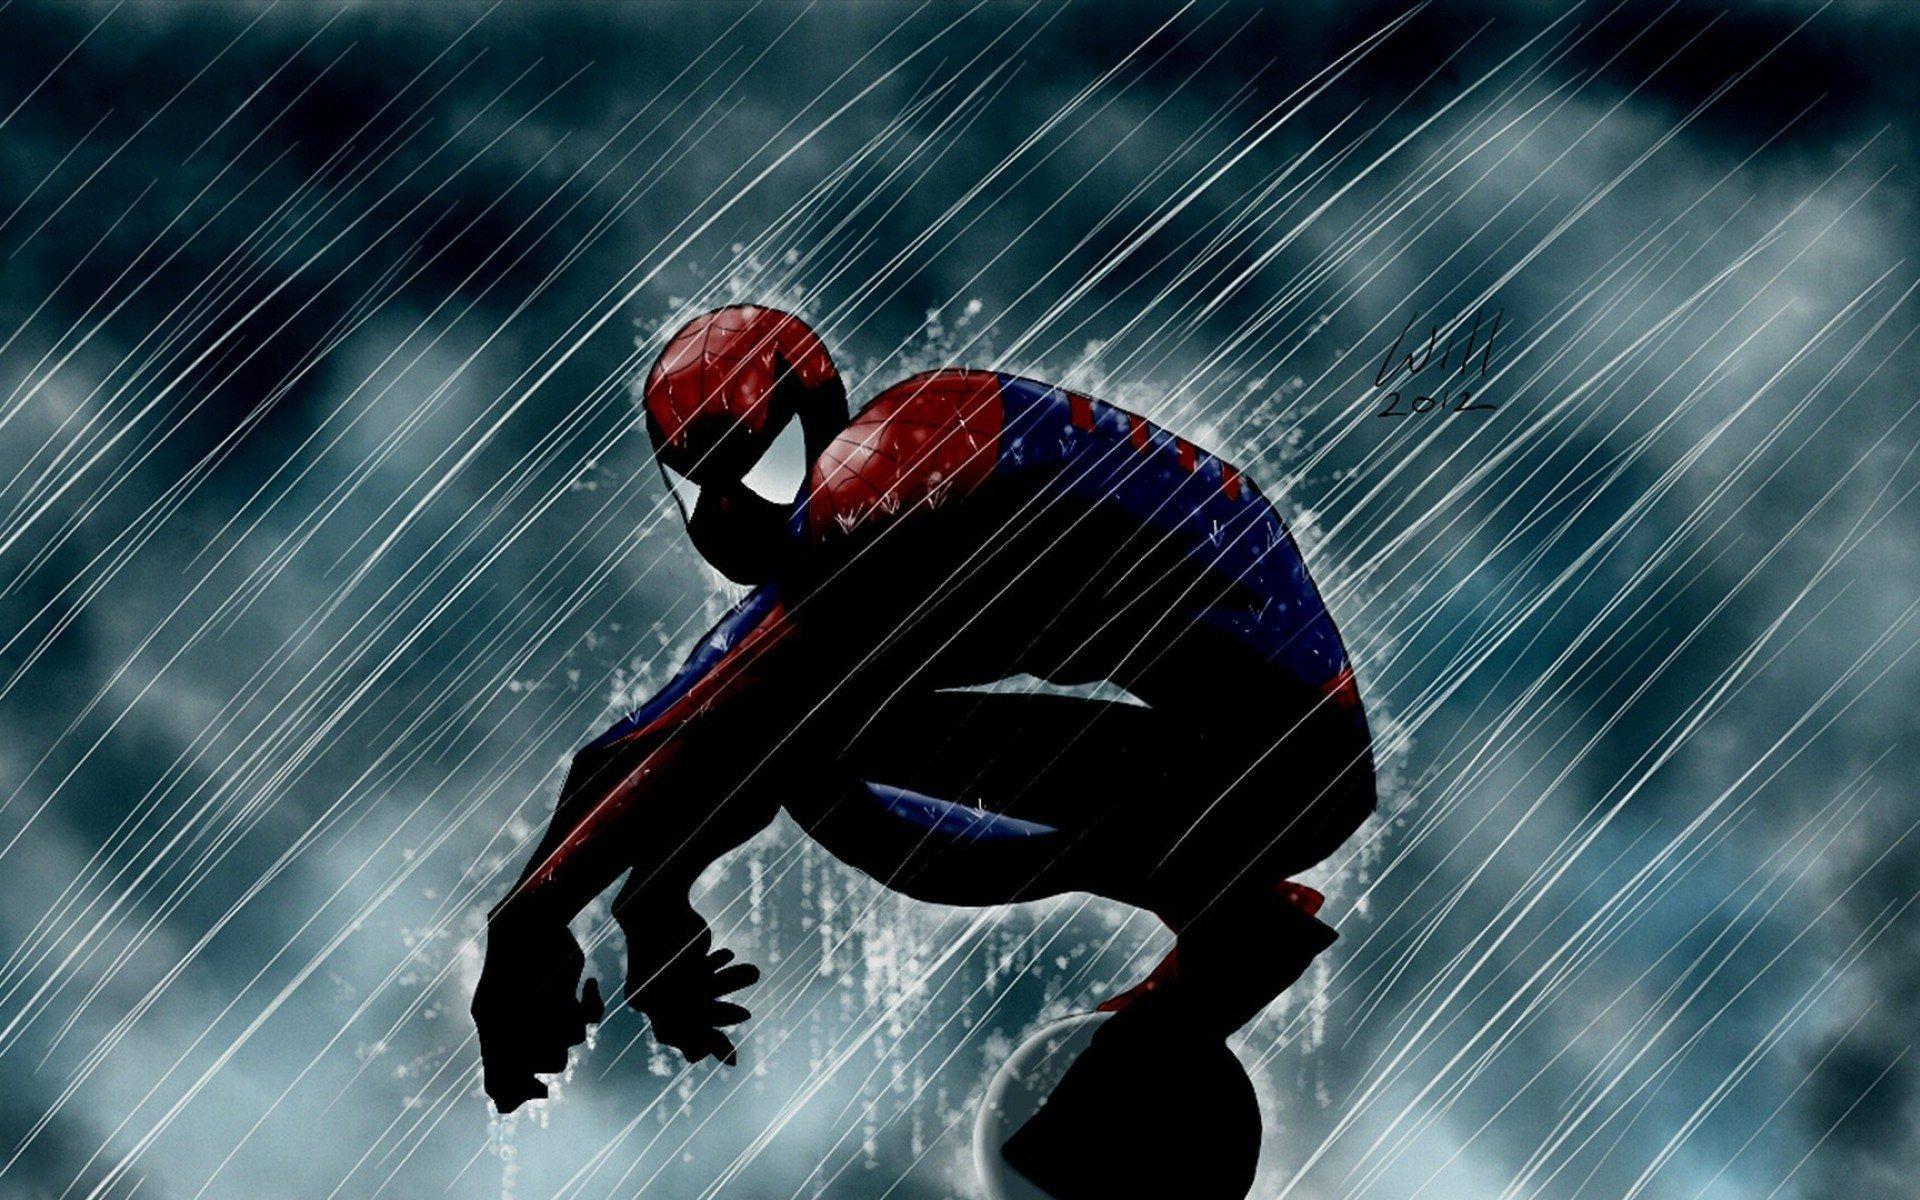 spider man comics wallpaper - sf wallpaper